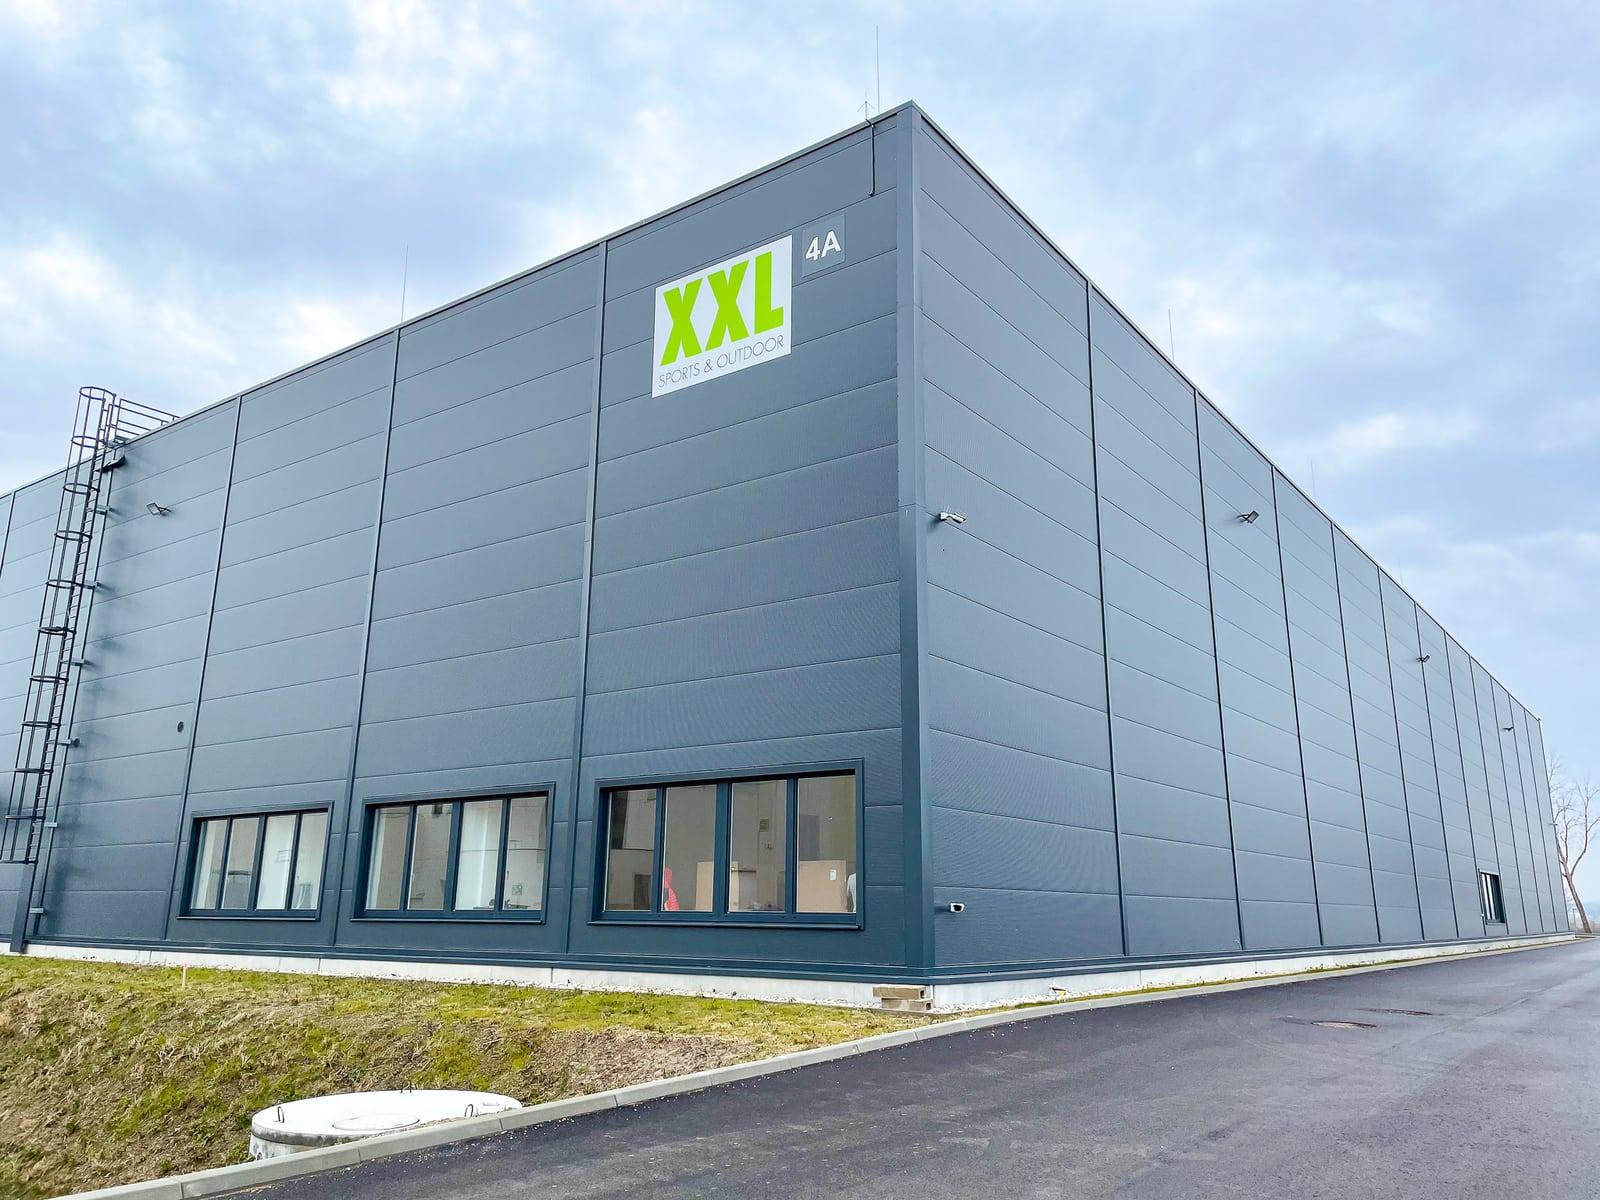 Budynek Centrum Dystrybucyjne Austria (CDA) XXL od strony zewnętrznej